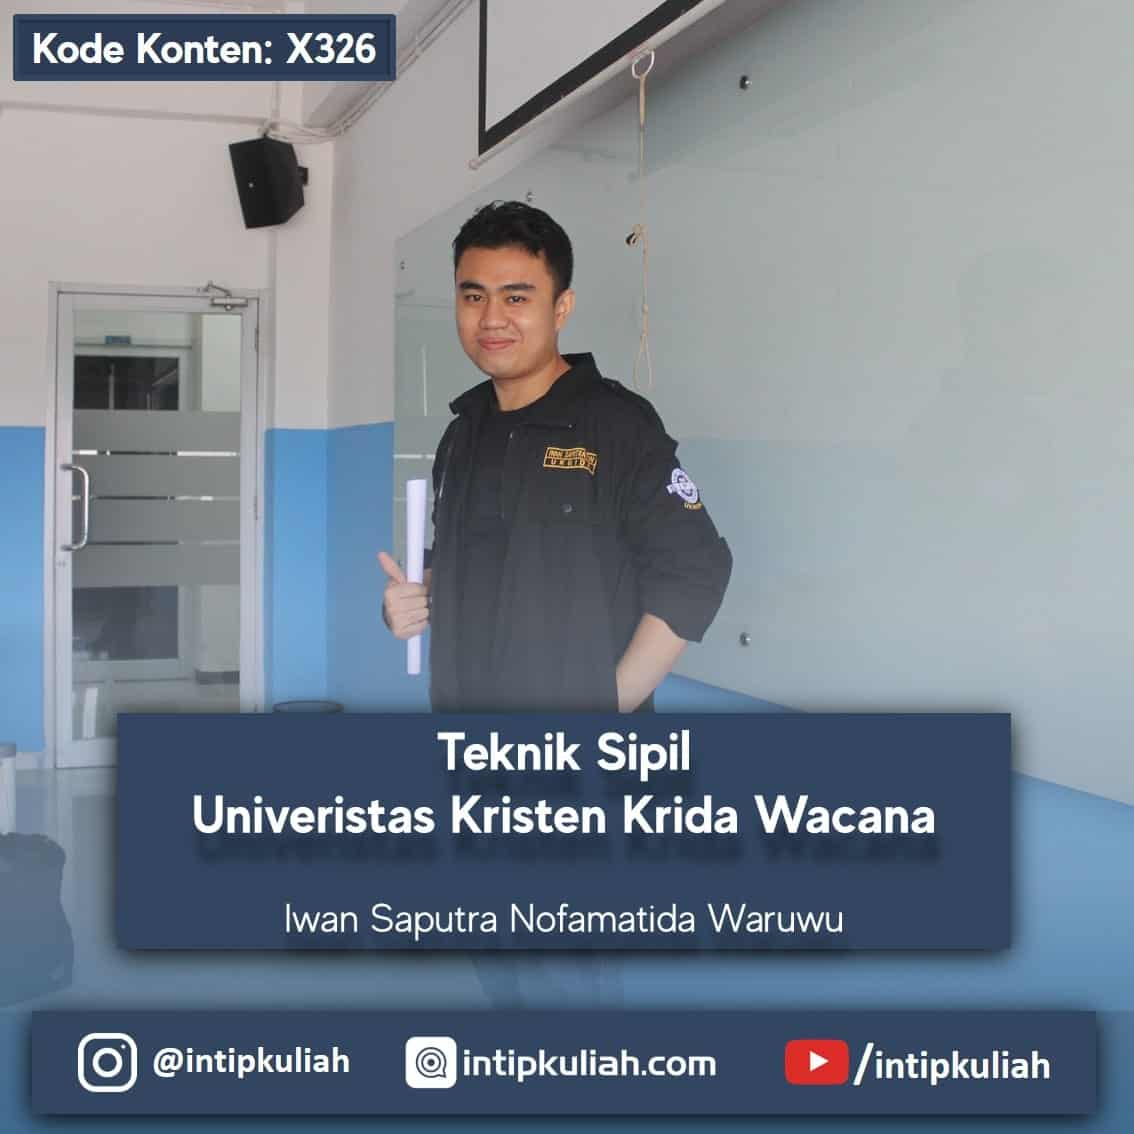 Teknik Sipil UKRIDA (Iwan)